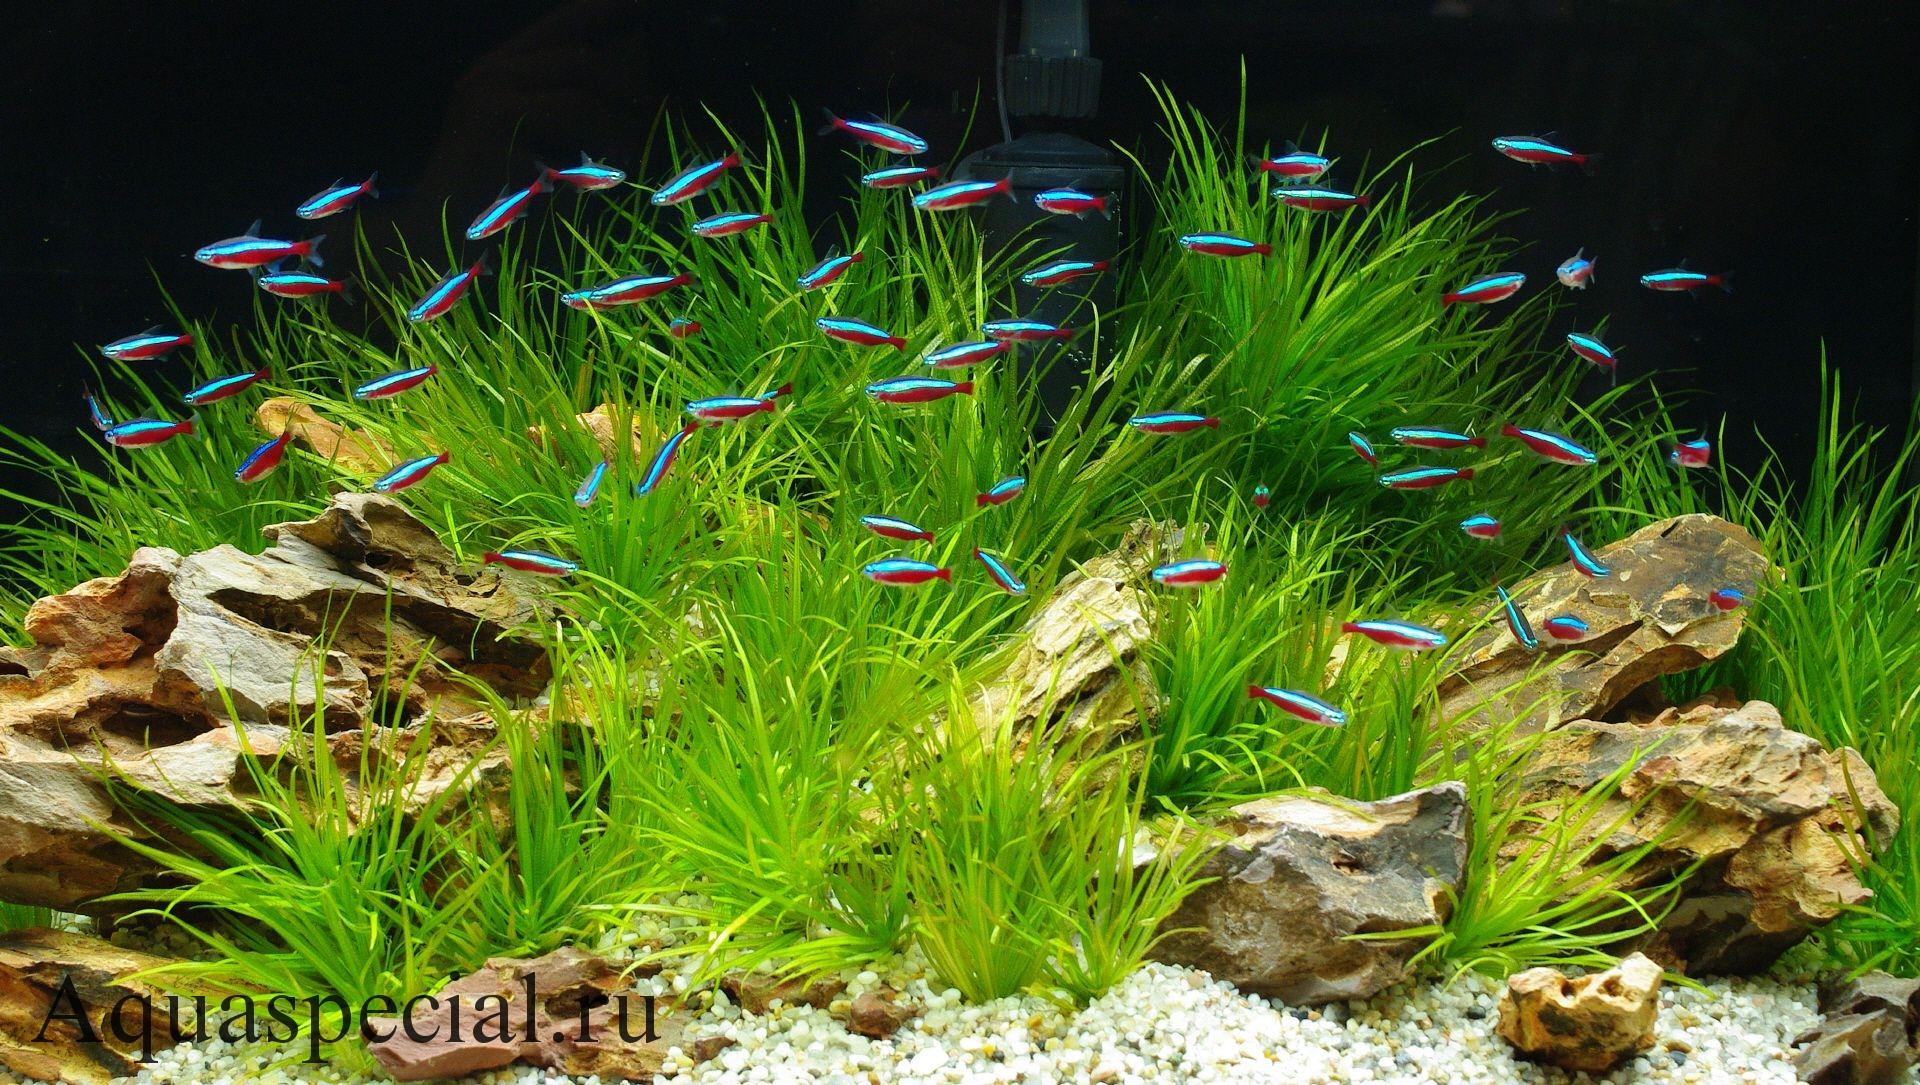 Рыбки Неоны: содержание, виды. Описание рыбок неонов с фото. Неоновая рыбка